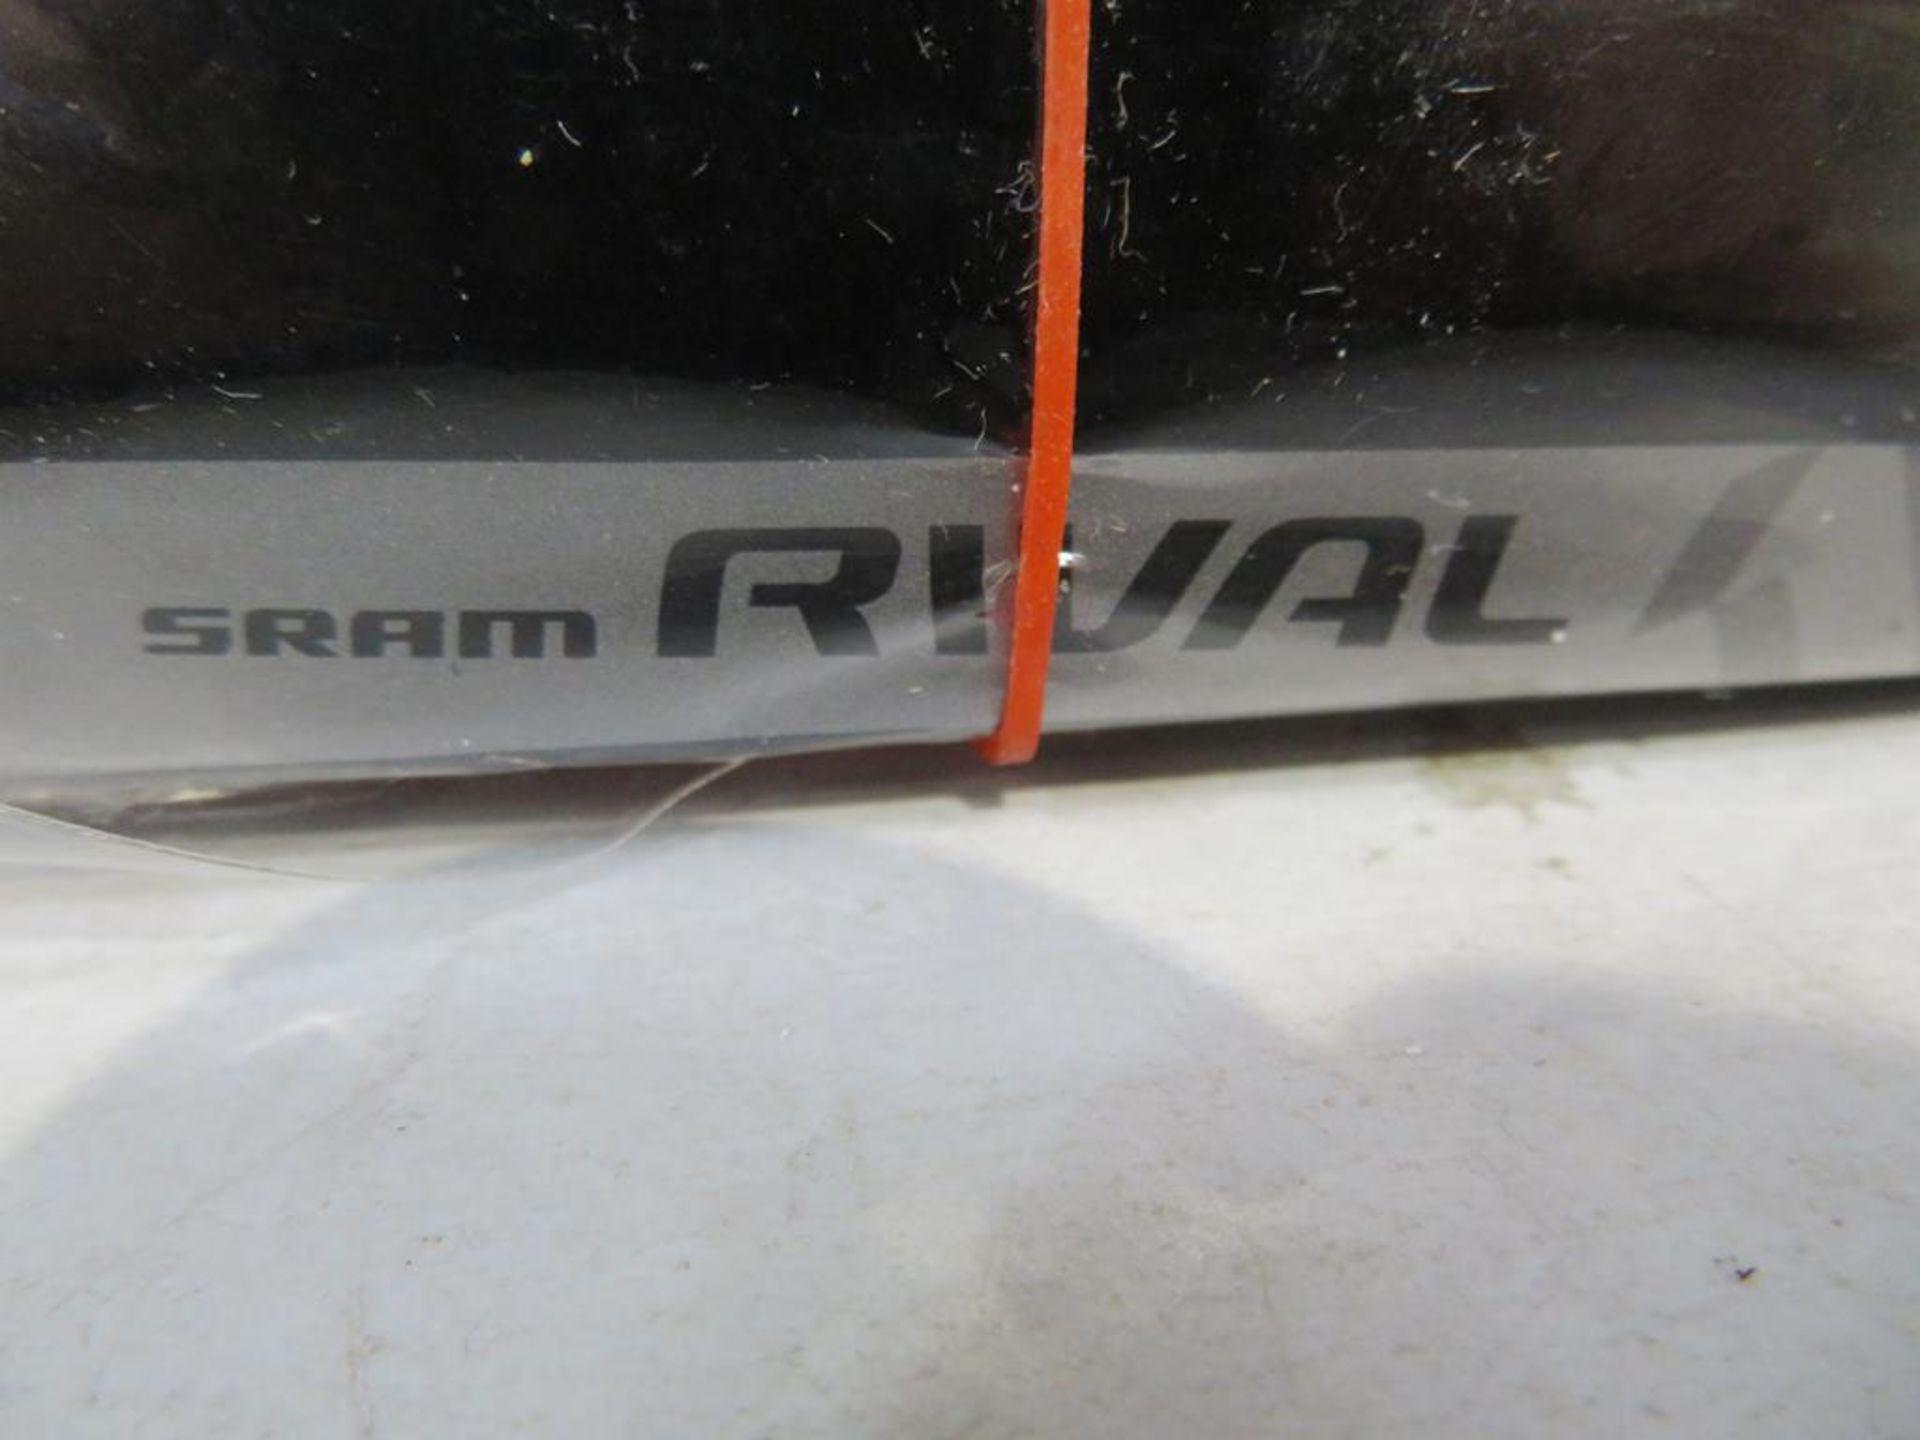 Lot 47 - Sram Rival 1 GXP Crankset and a Sram Rival 22 Front Derailleur